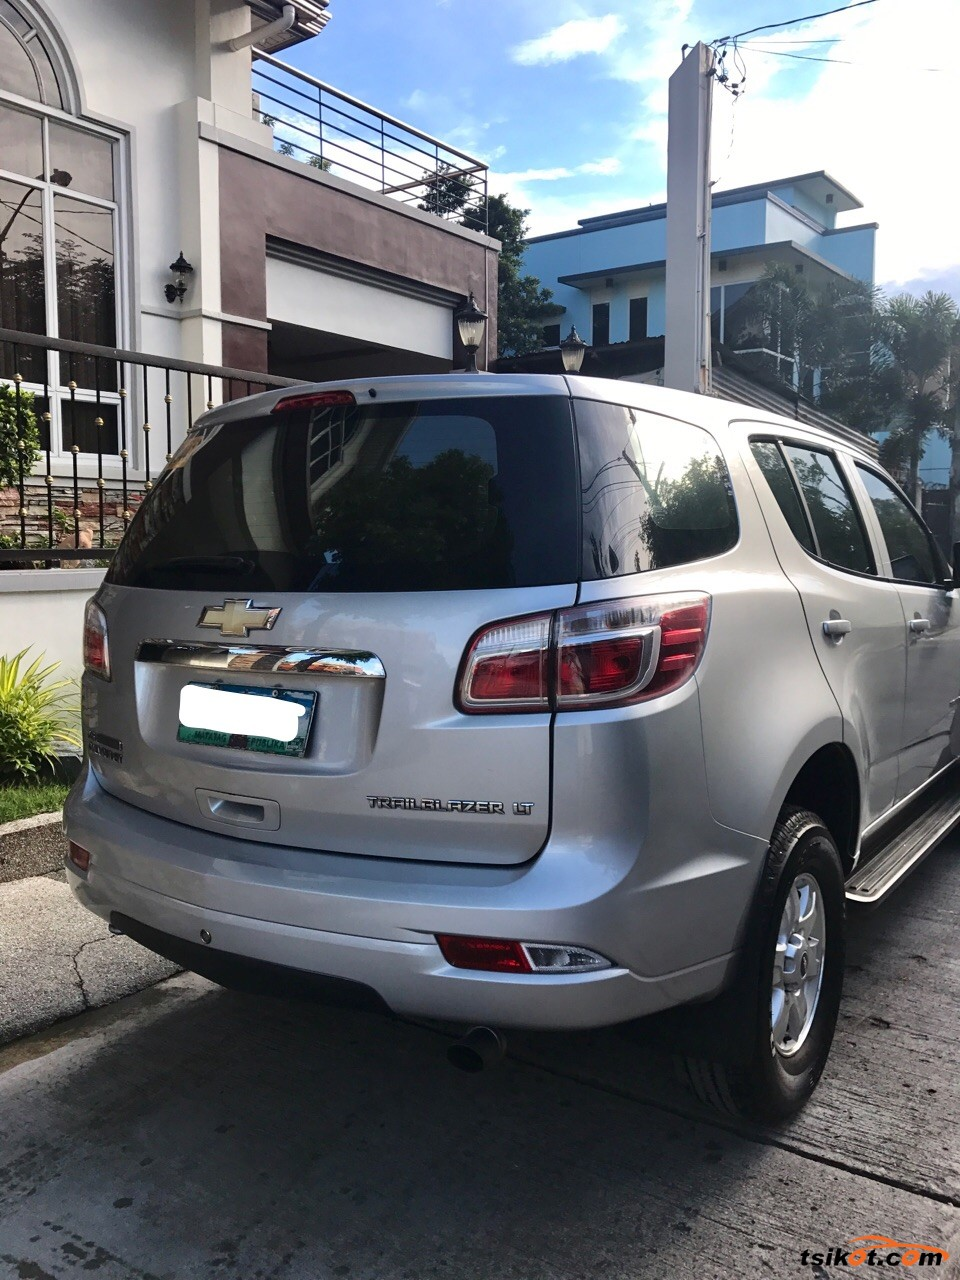 Chevrolet Trailblazer 2013 - 2